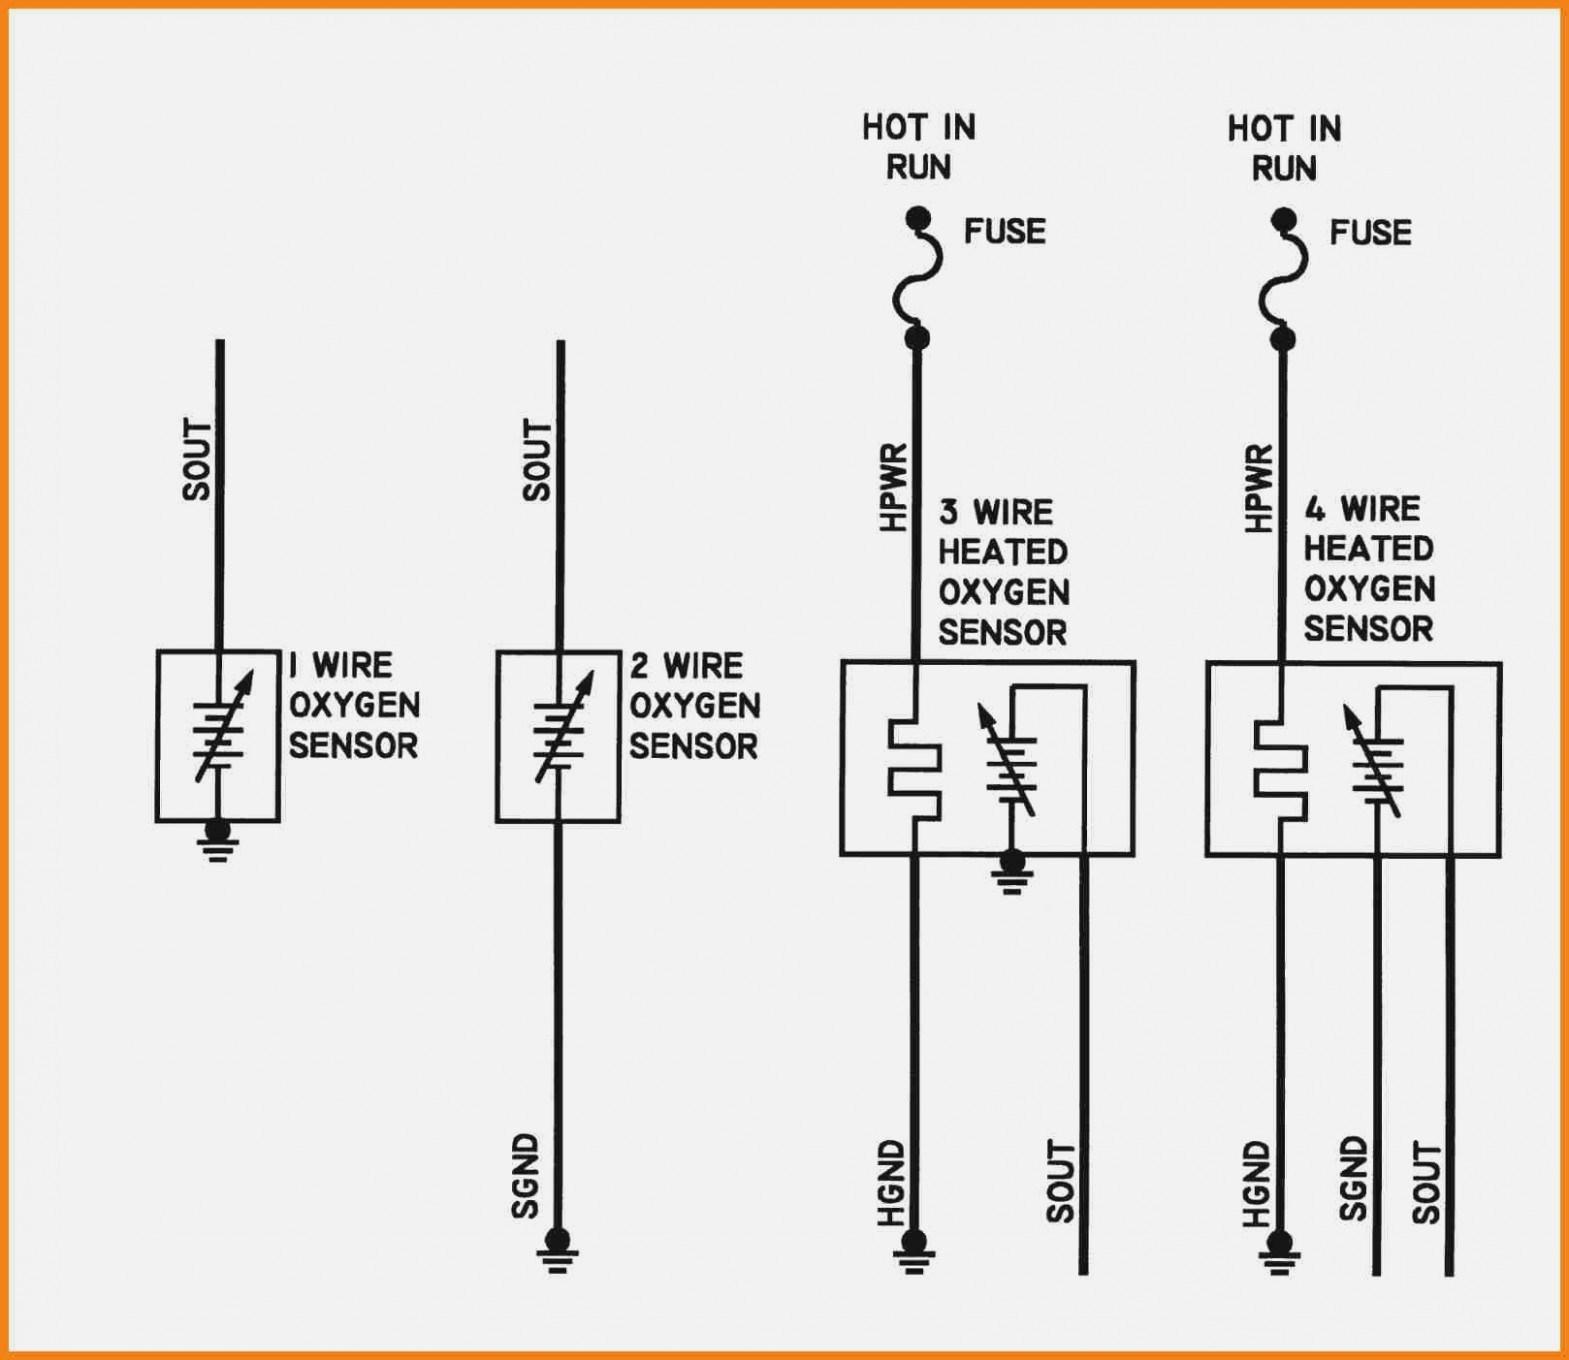 Gm Speed Sensor Wiring | Wiring Diagram - 2 Wire Speed Sensor Wiring Diagram